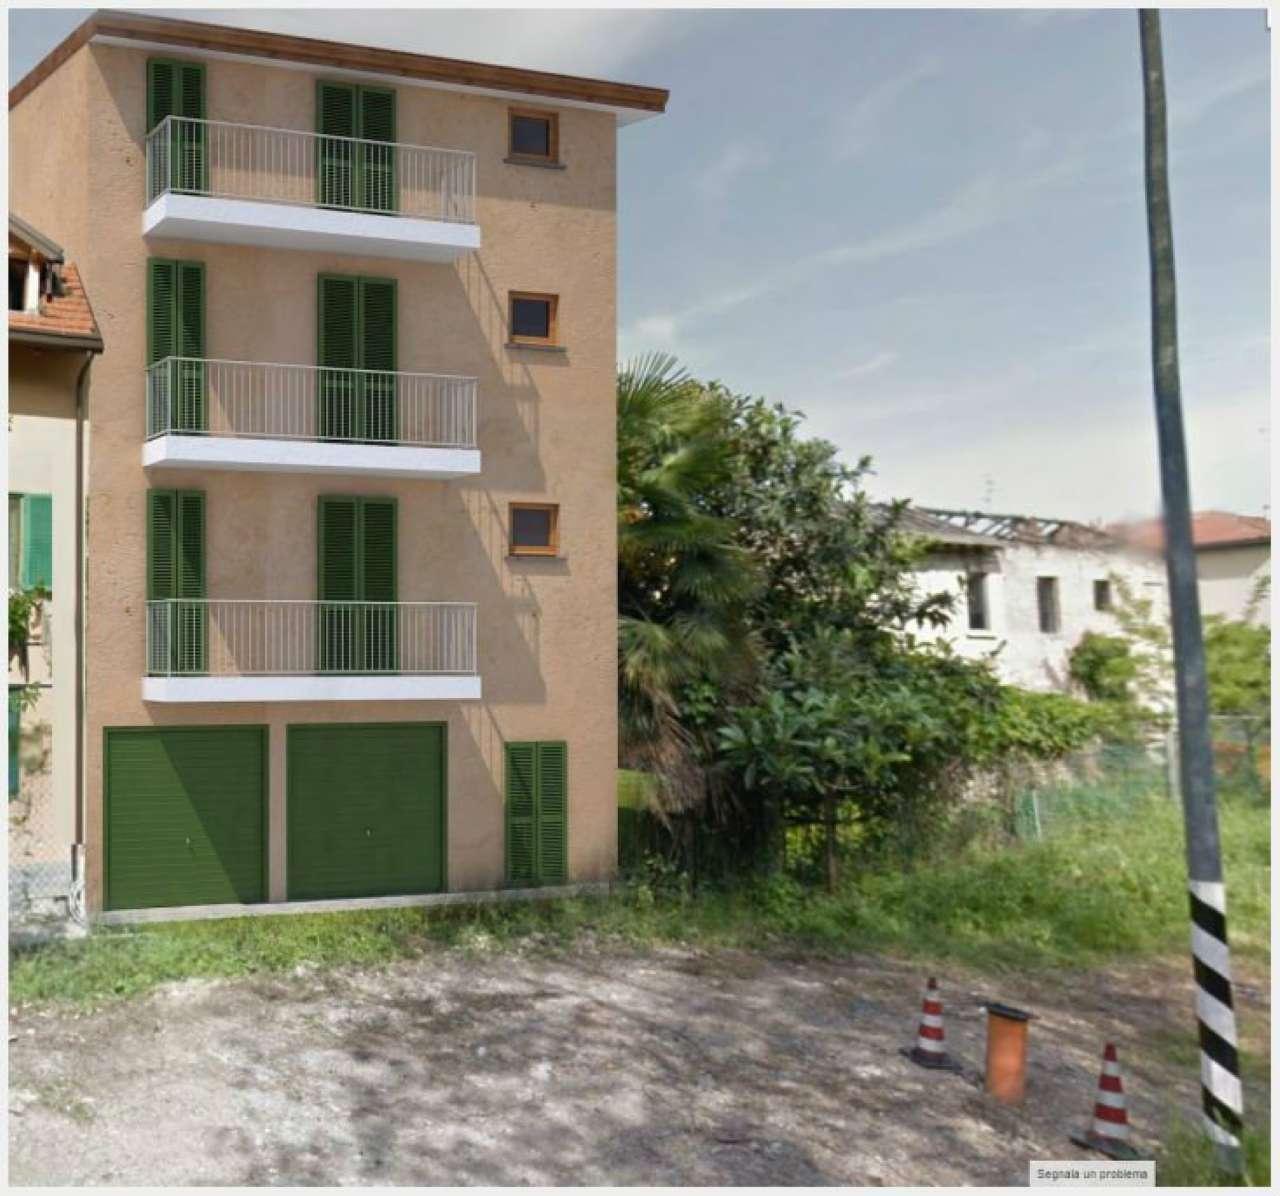 Palazzo / Stabile in vendita a Milano, 8 locali, zona Zona: 7 . Corvetto, Lodi, Forlanini, Umbria, Rogoredo, prezzo € 610.000   Cambio Casa.it